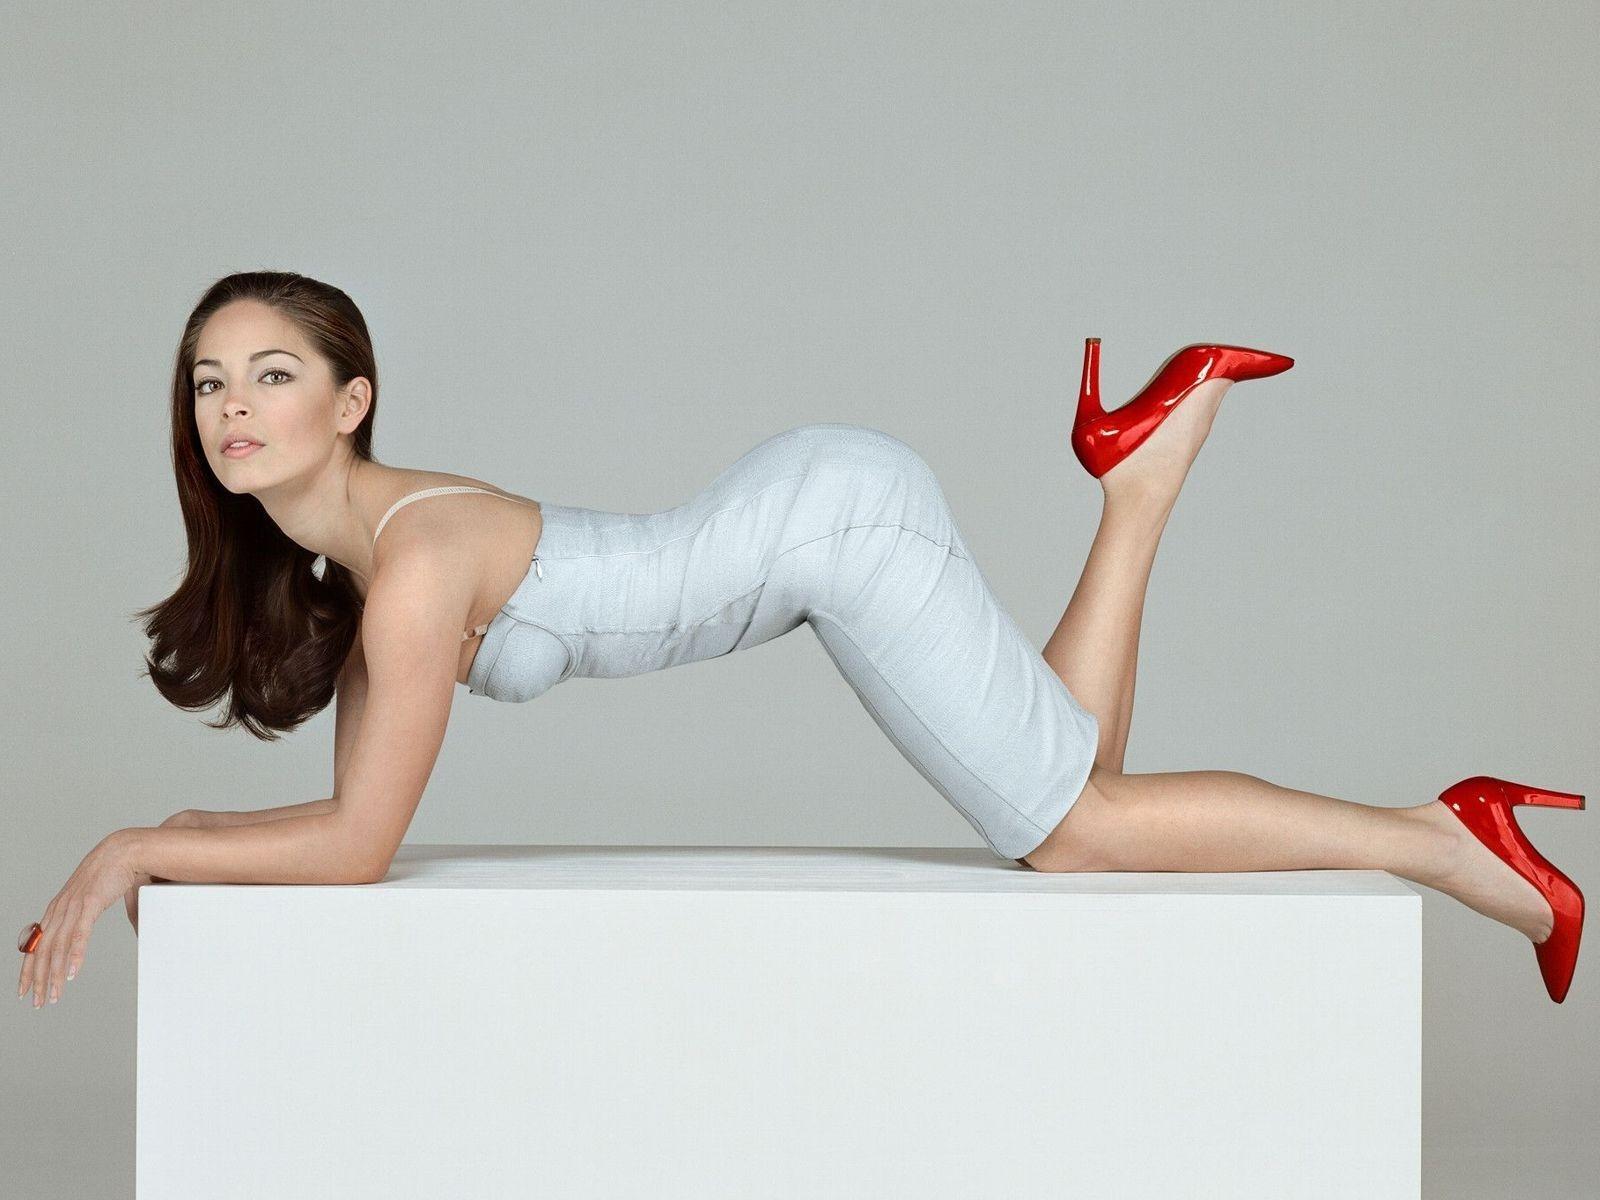 Wallpaper di Kristin Kreuk in tacchi alti e miniabito bianco